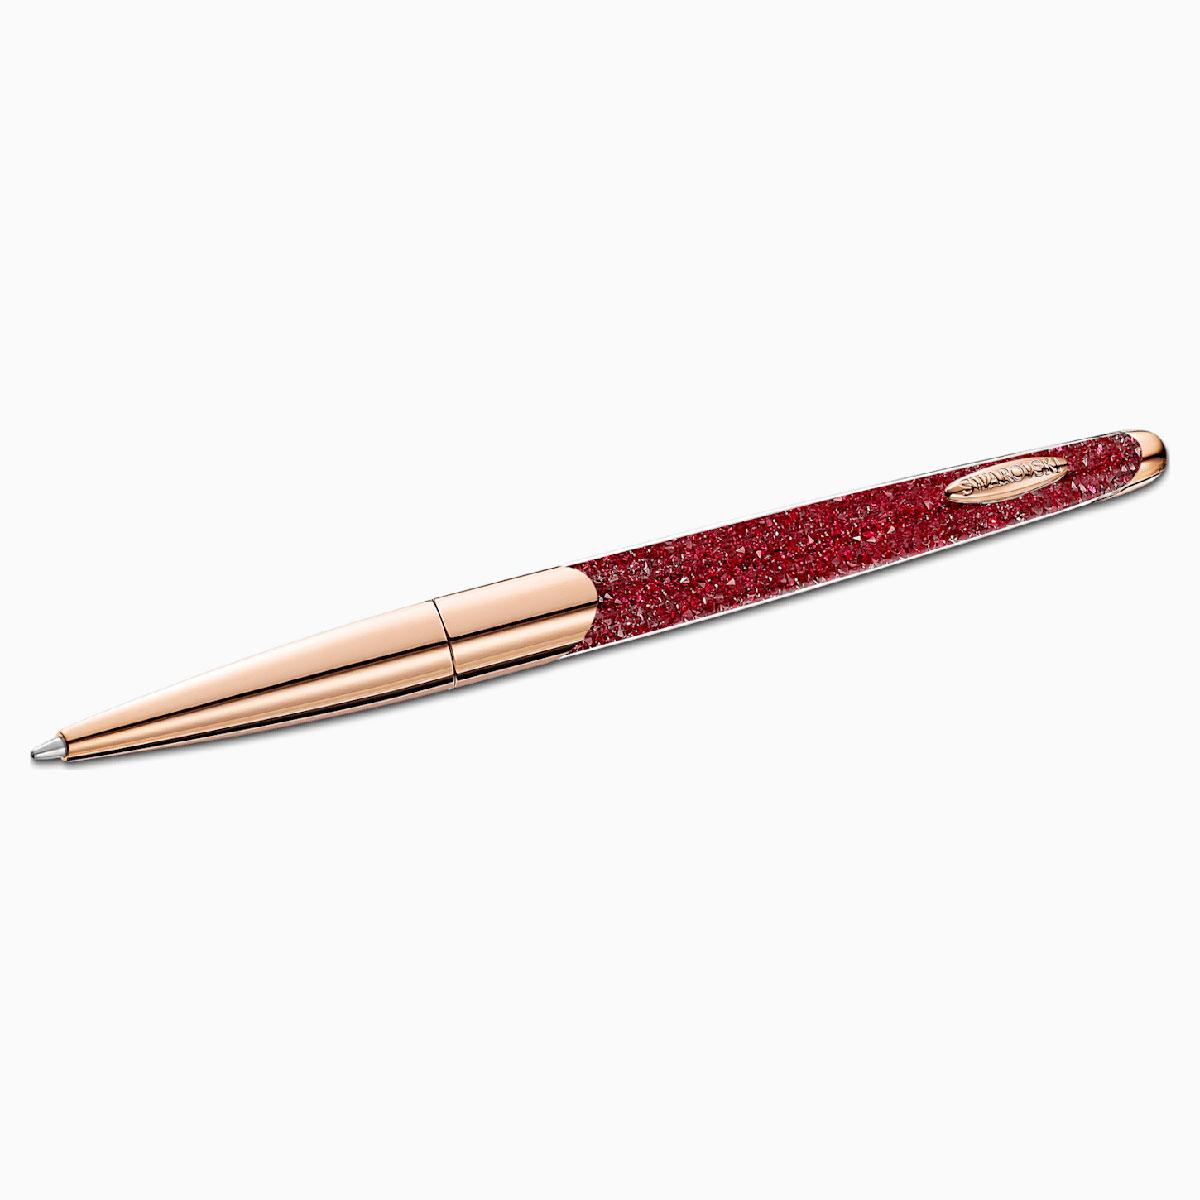 Swarovski Crystalline Nova Ballpoint Pen Ruby Rose Gold